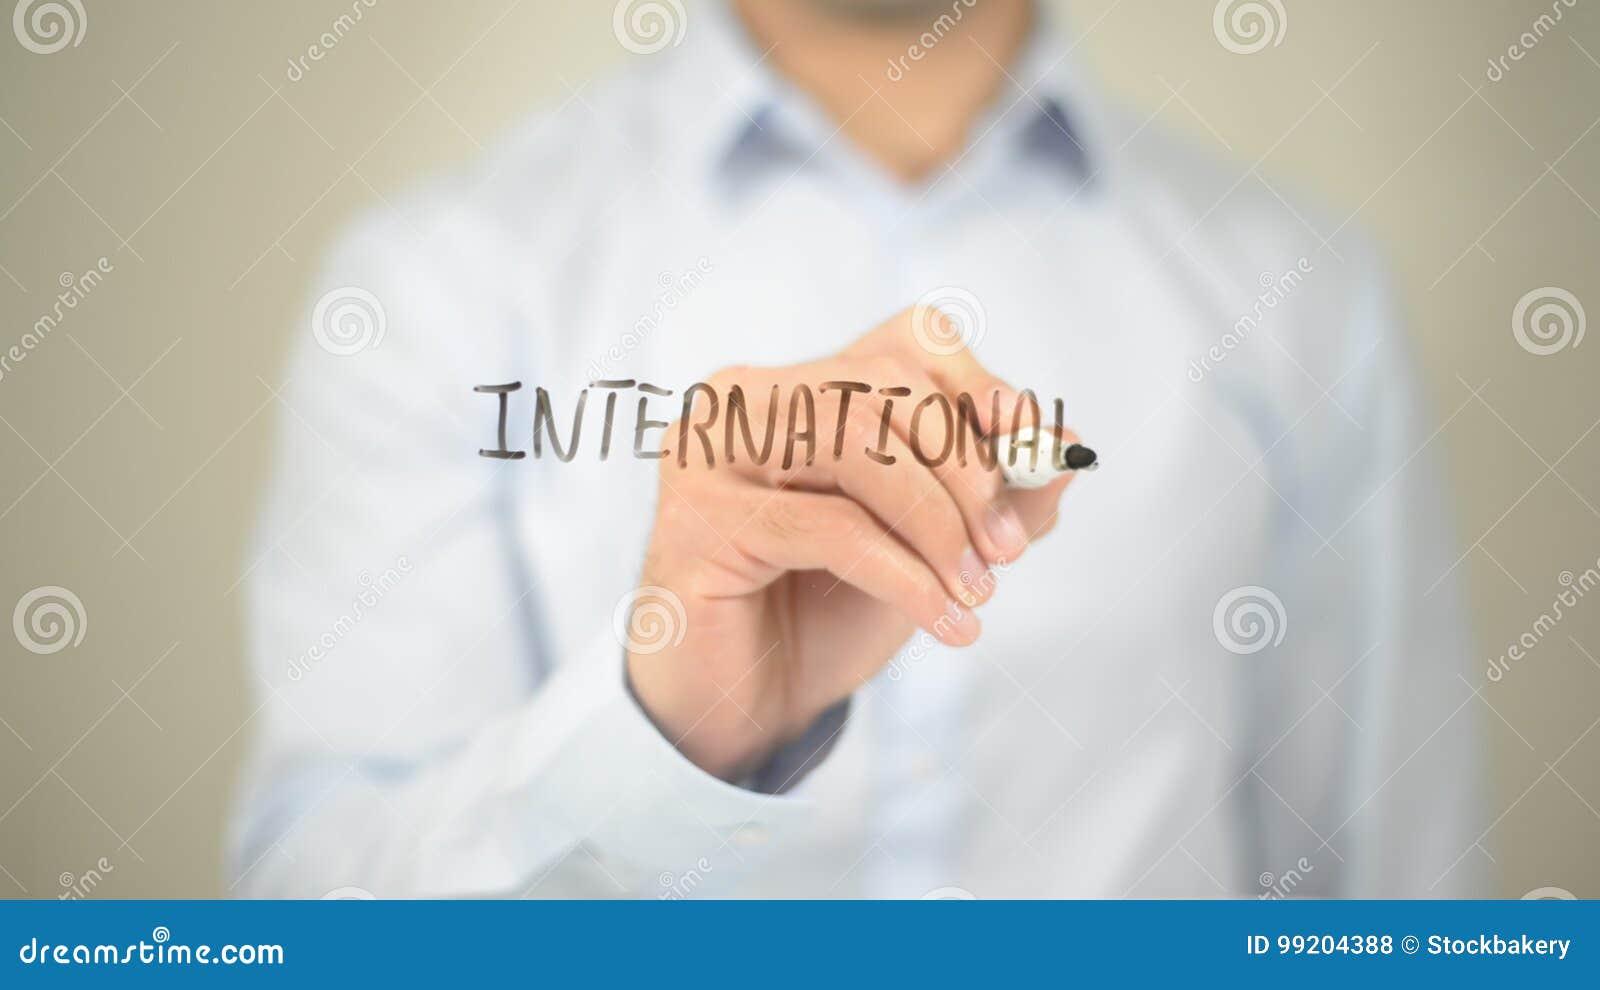 International manhandstil på den genomskinliga skärmen